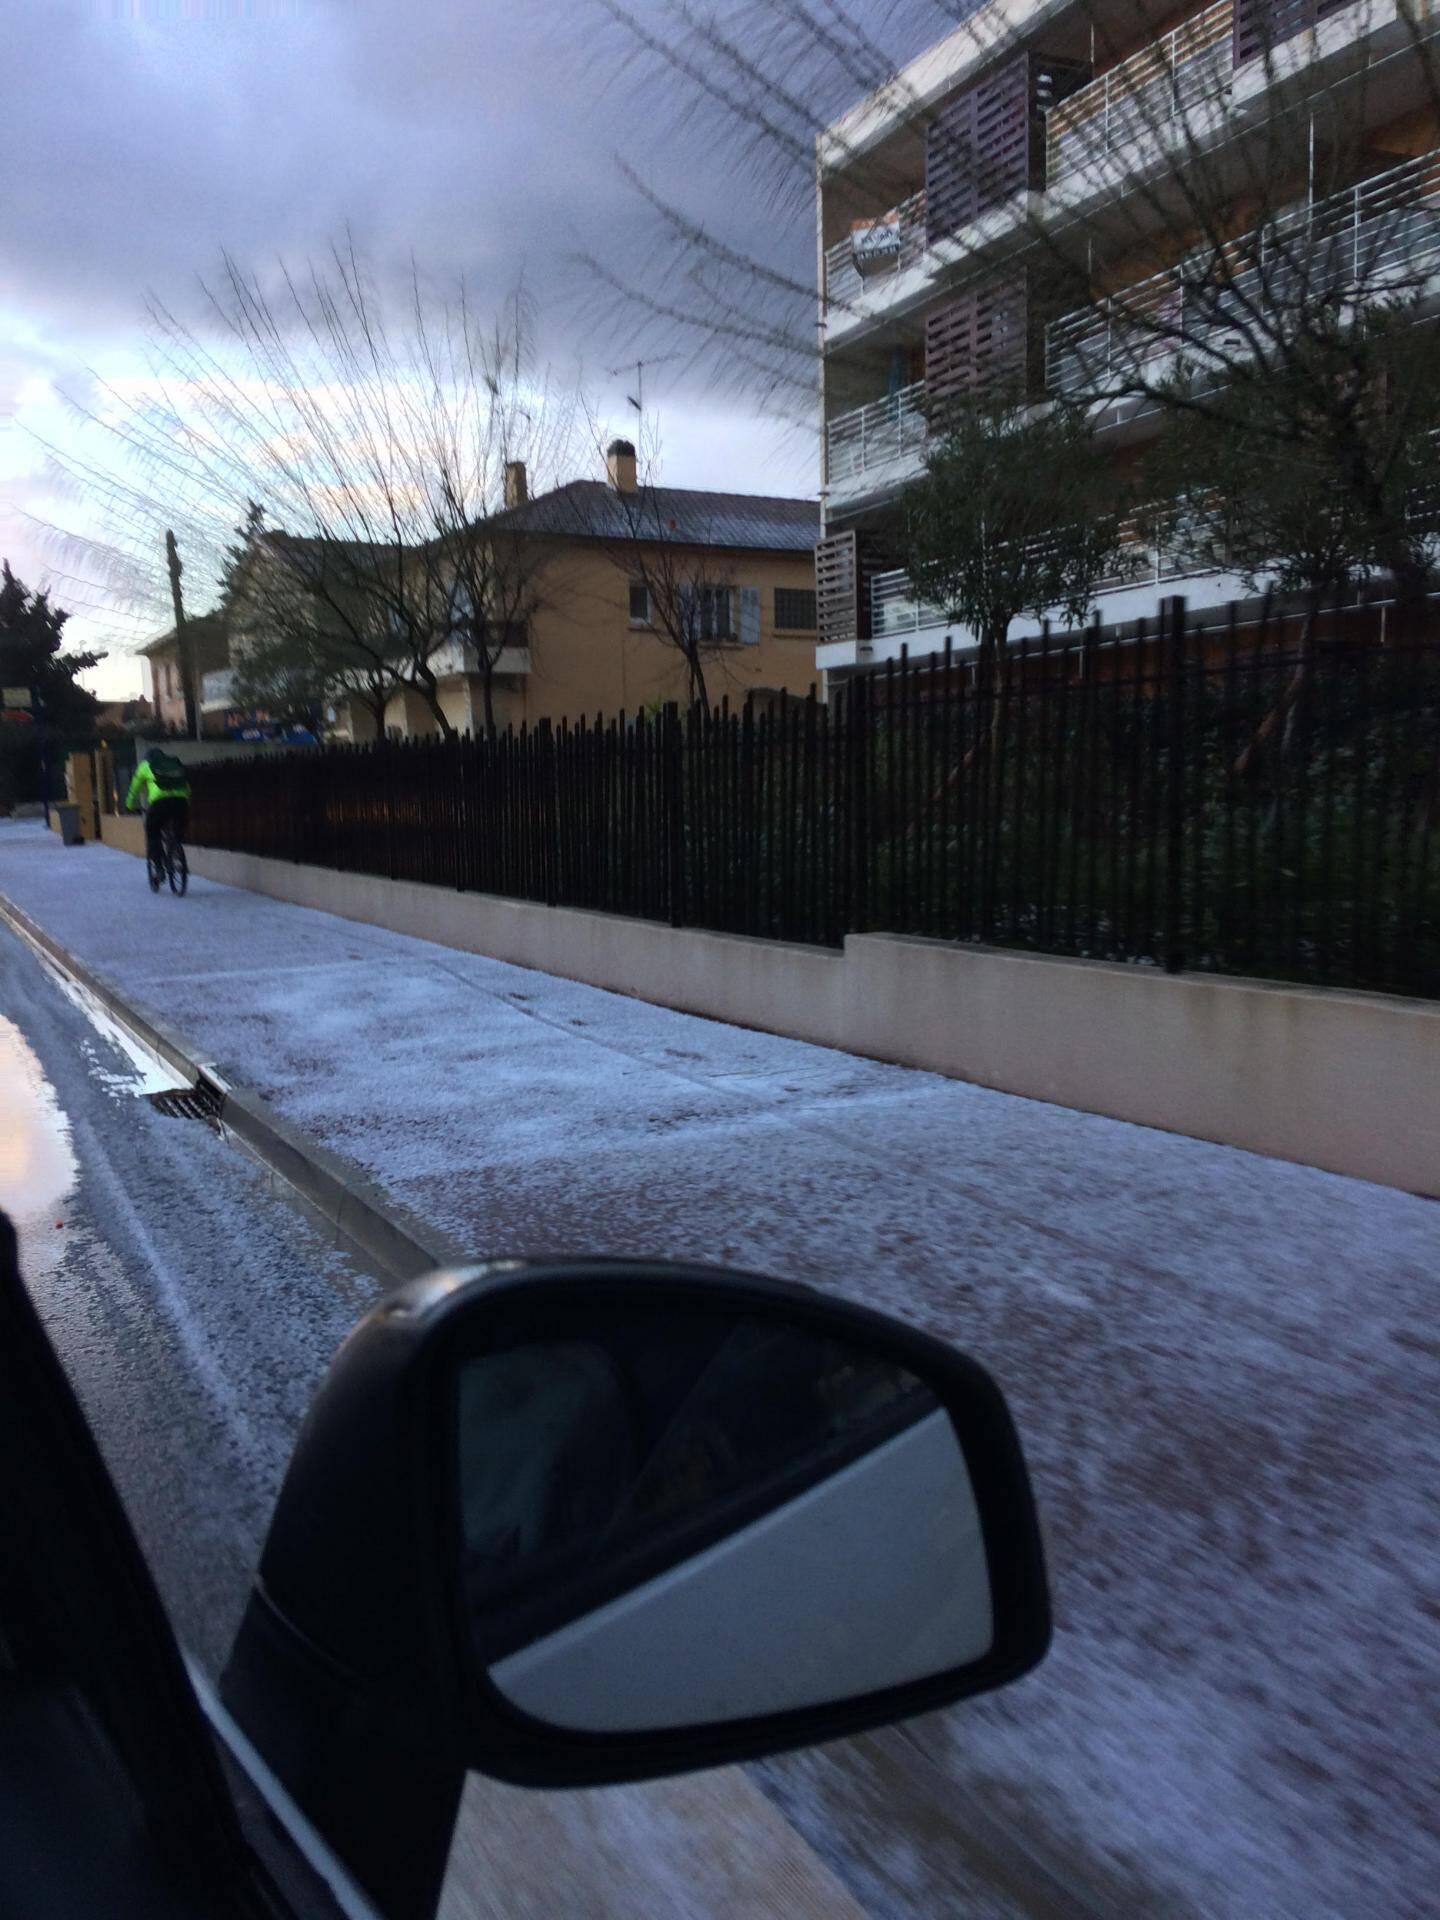 Tapis de grêle ce jeudi matin, avenue du XV corps, à Hyères